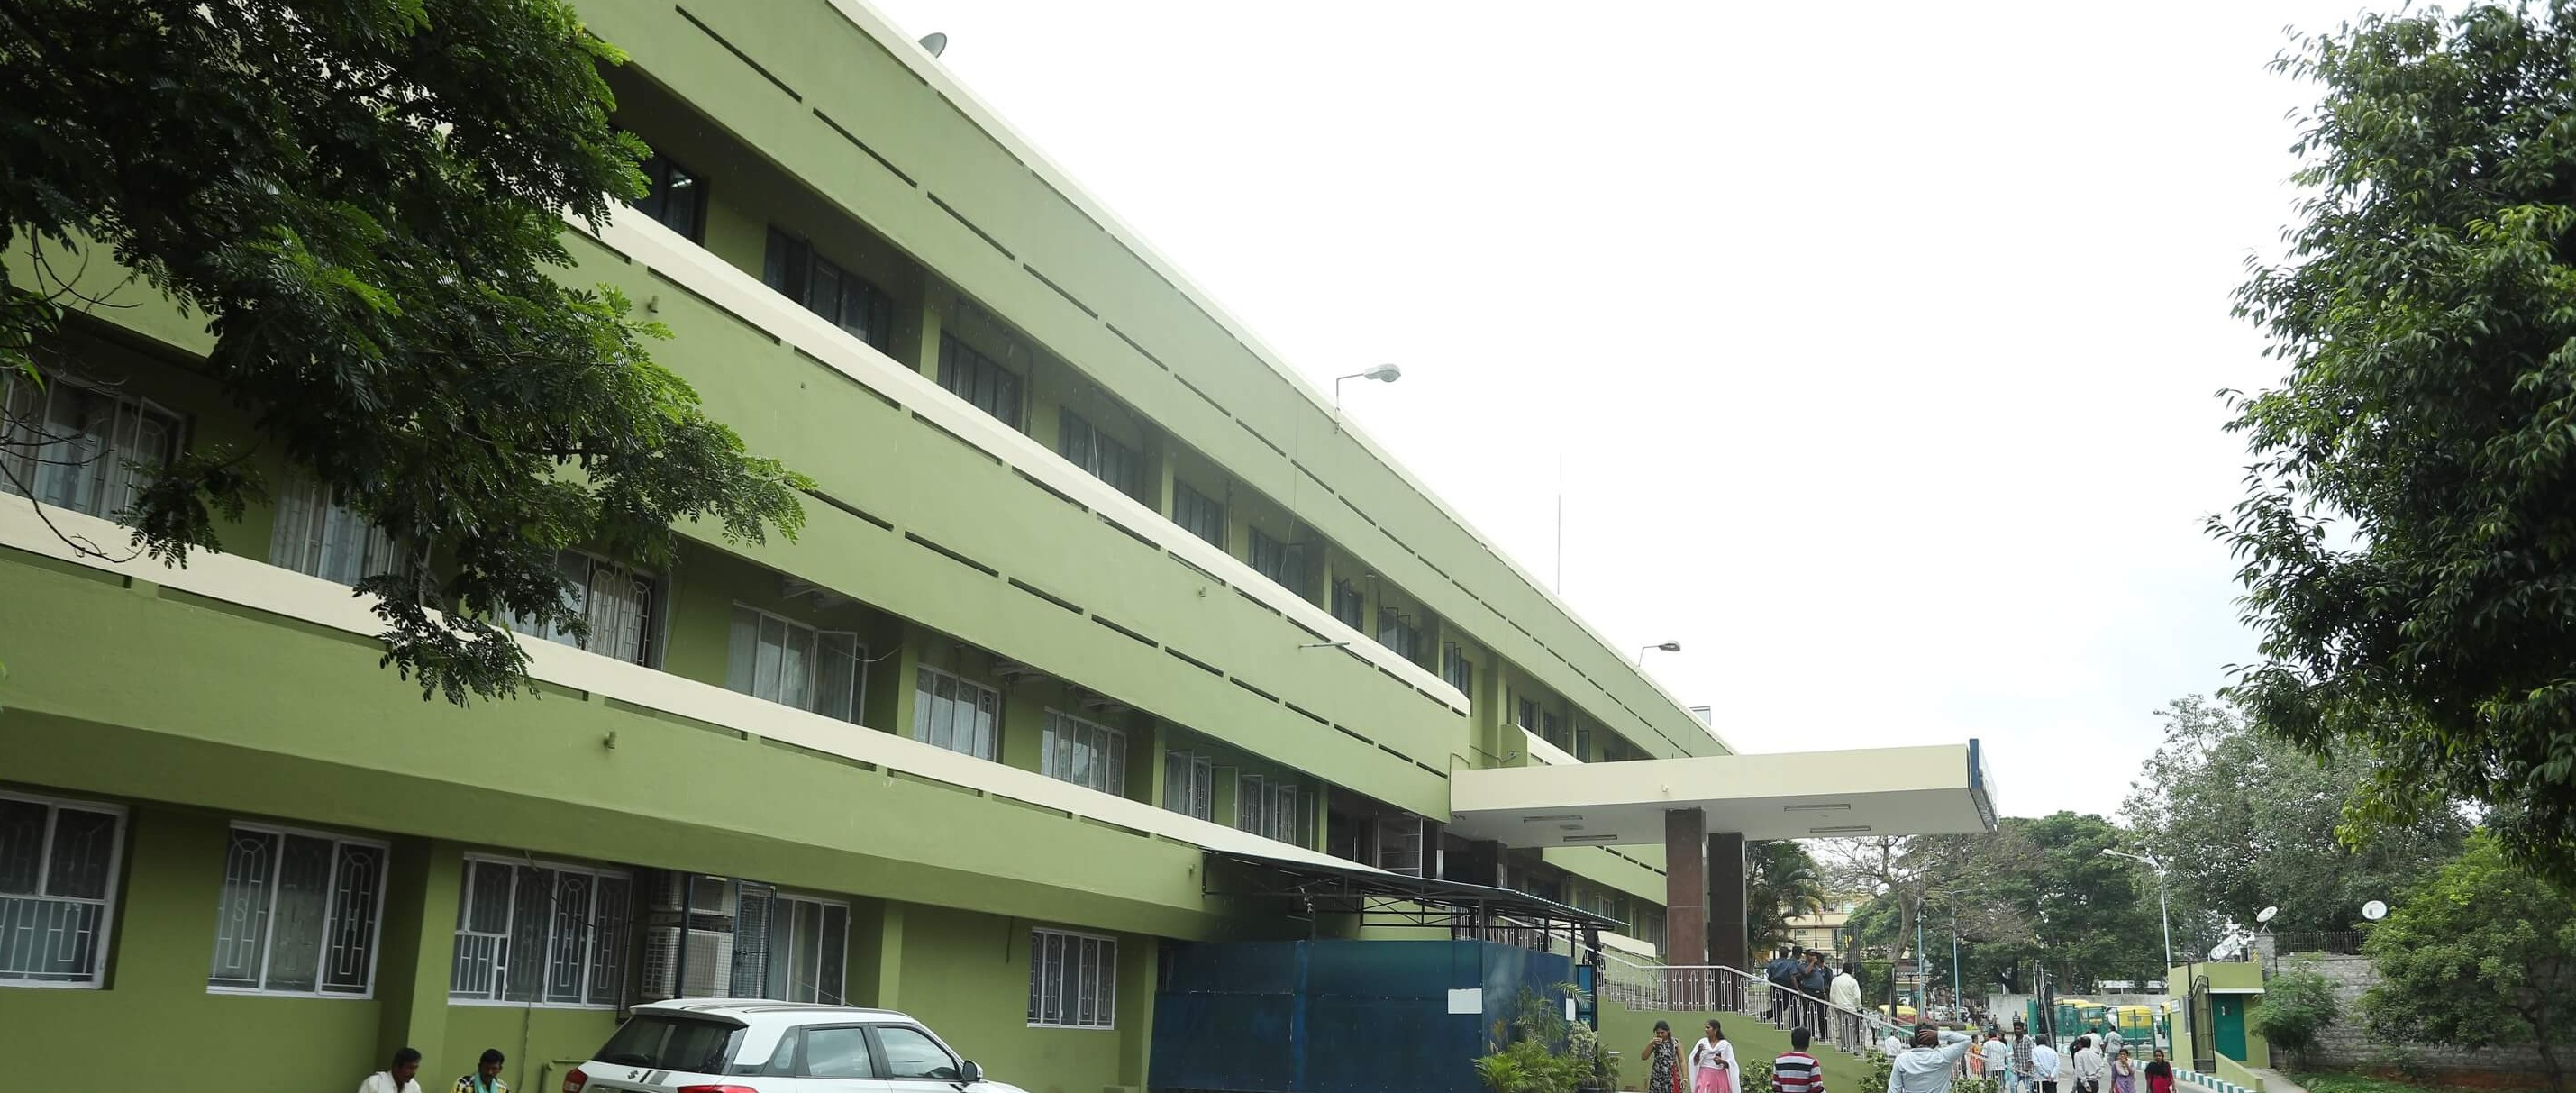 Sanjay Gandhi Institute of Trauma and Orthopaedics Image